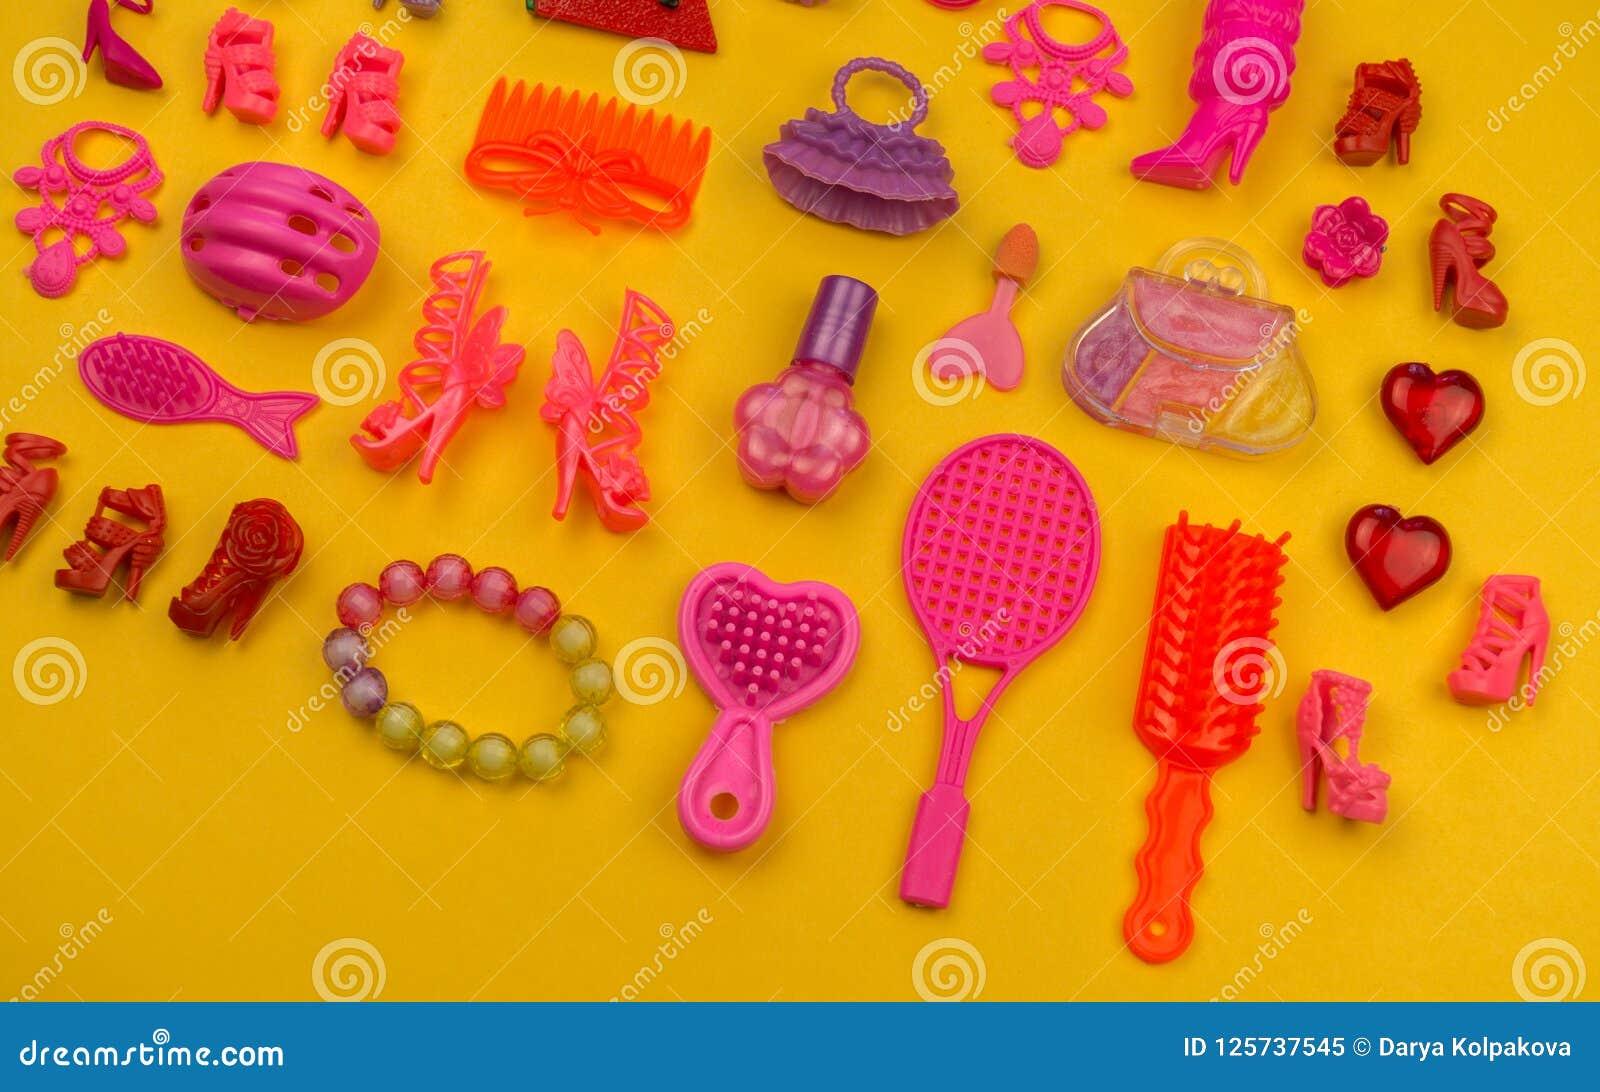 女孩的玩具从袋子草莓的形式